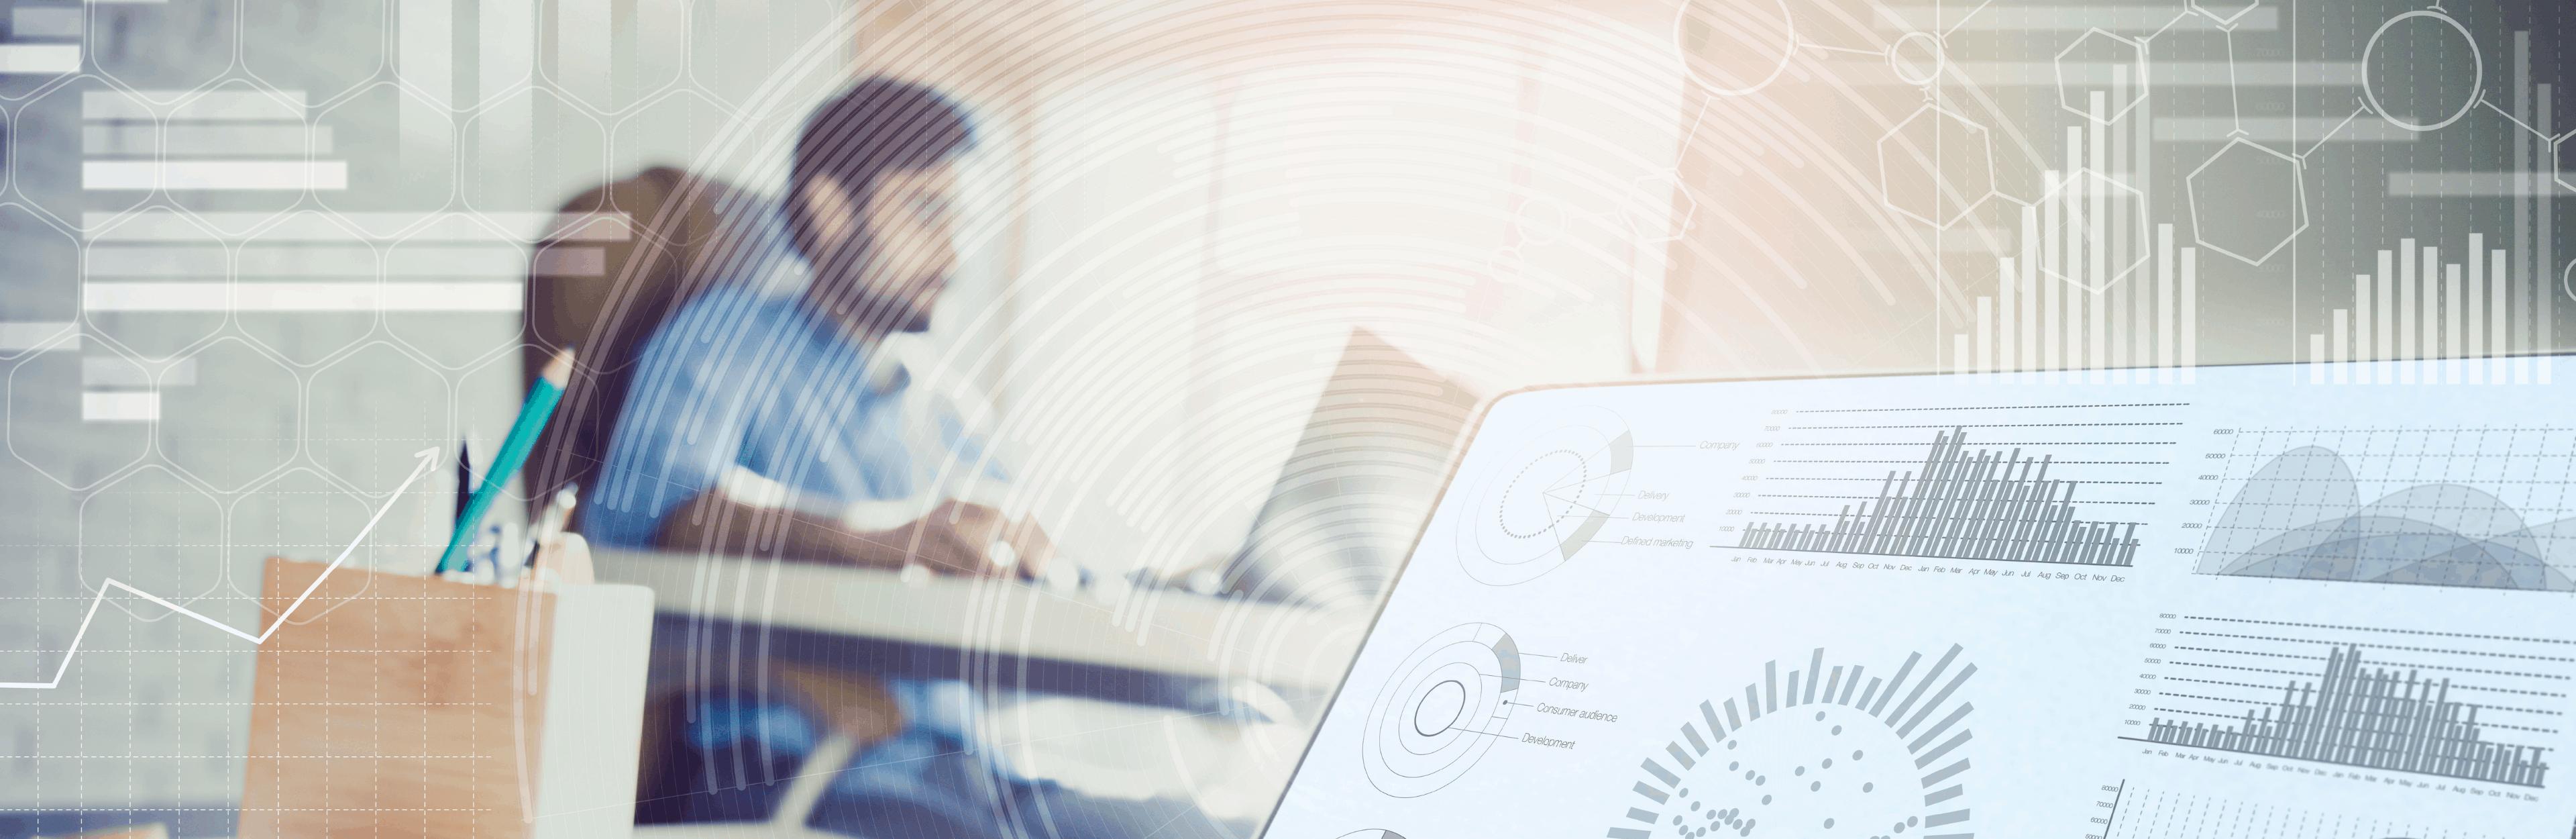 You are currently viewing Inovação para os escritórios de Advogados, Corretores e Contadores: Conheça e Copie